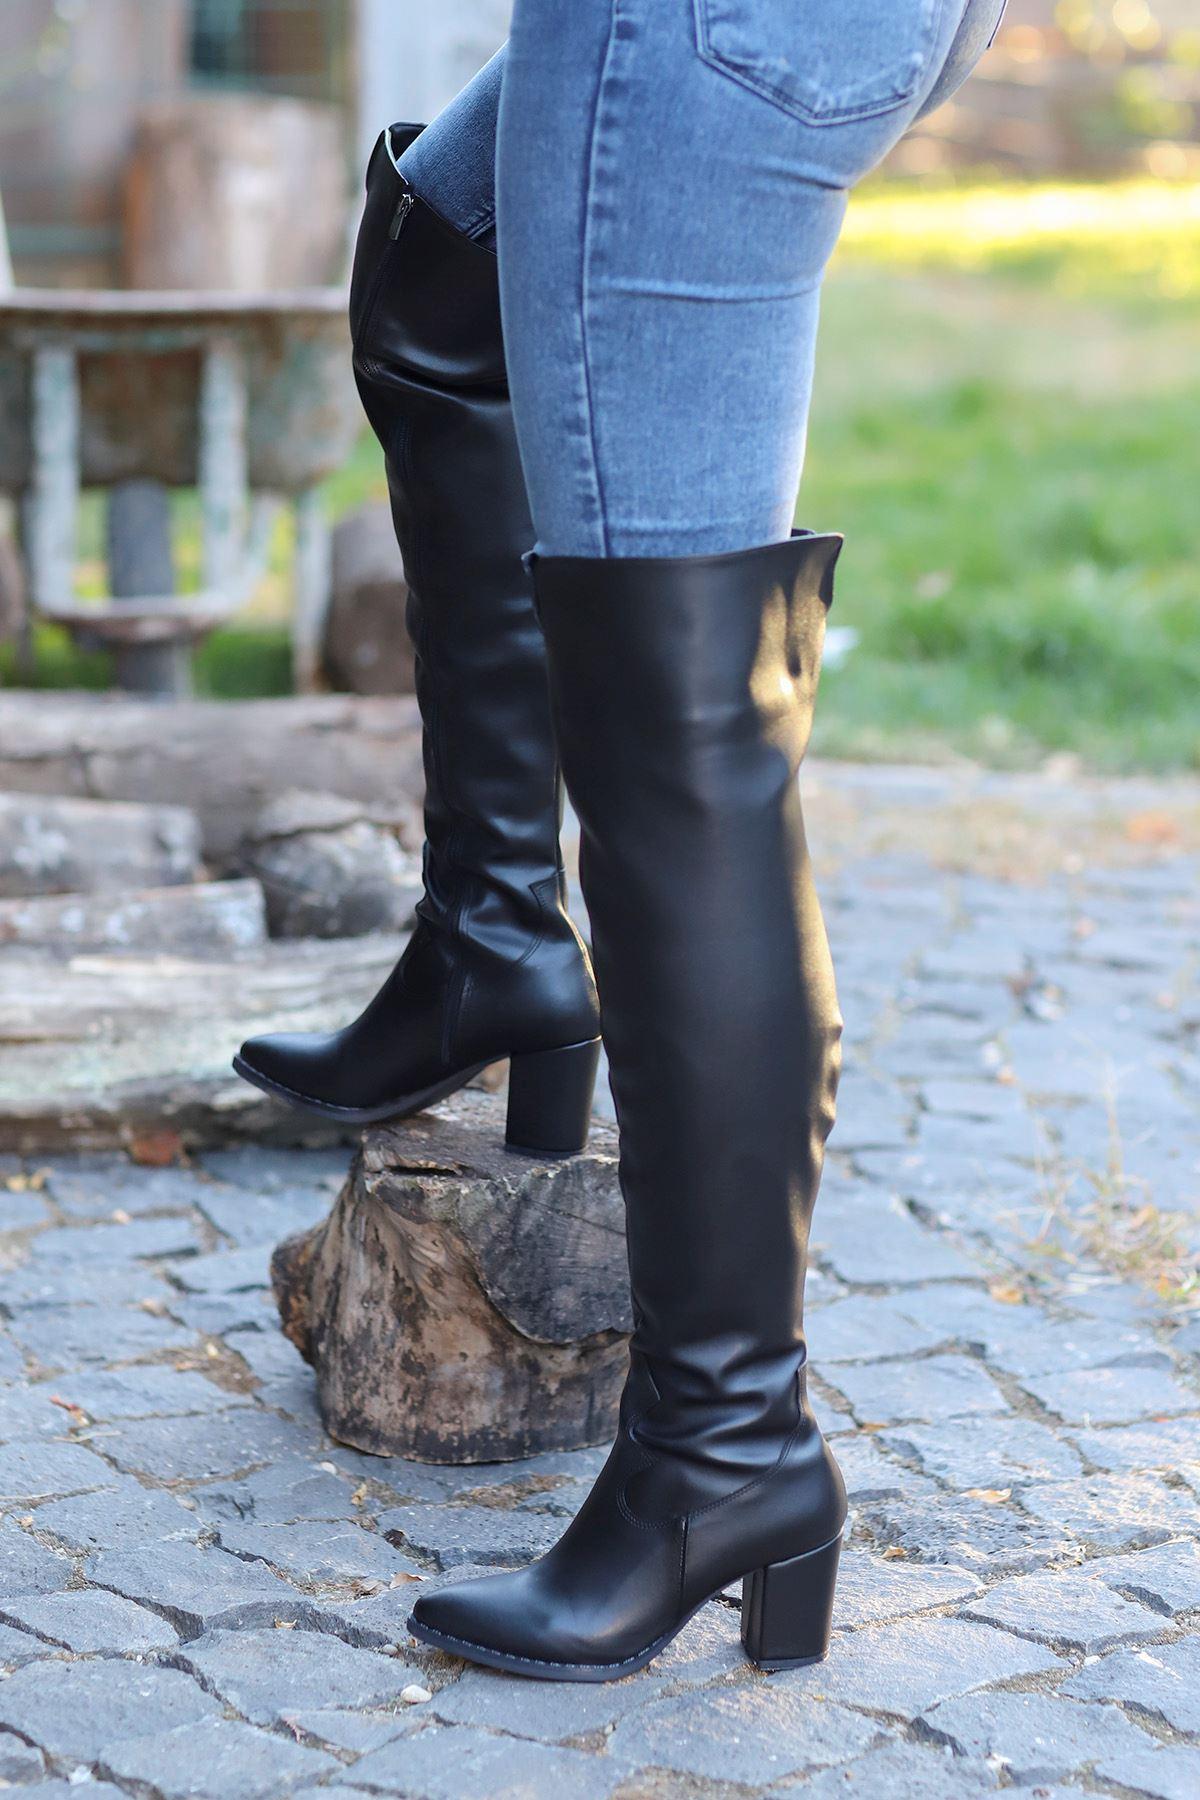 mami-7110 Kovboy Diz Üstü Çizme Siyah Deri